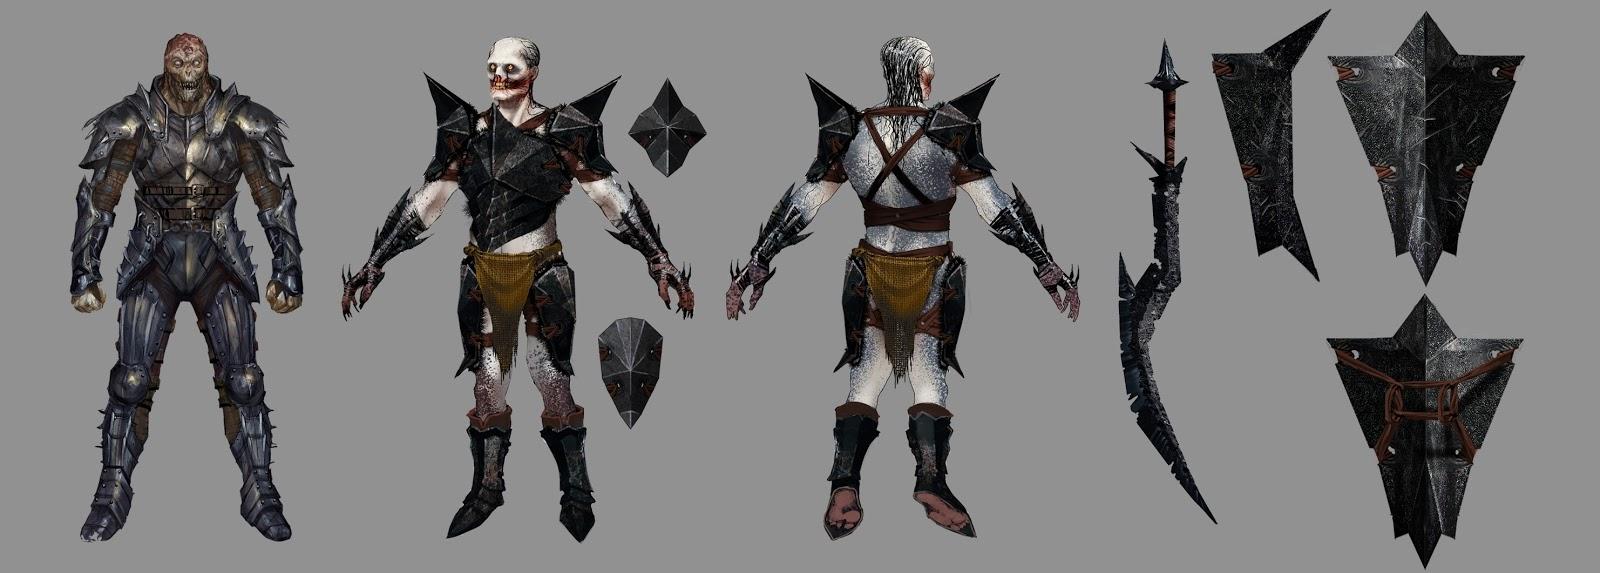 Takhle mohl původně vypadat Mass Effect a Dragon Age 85185